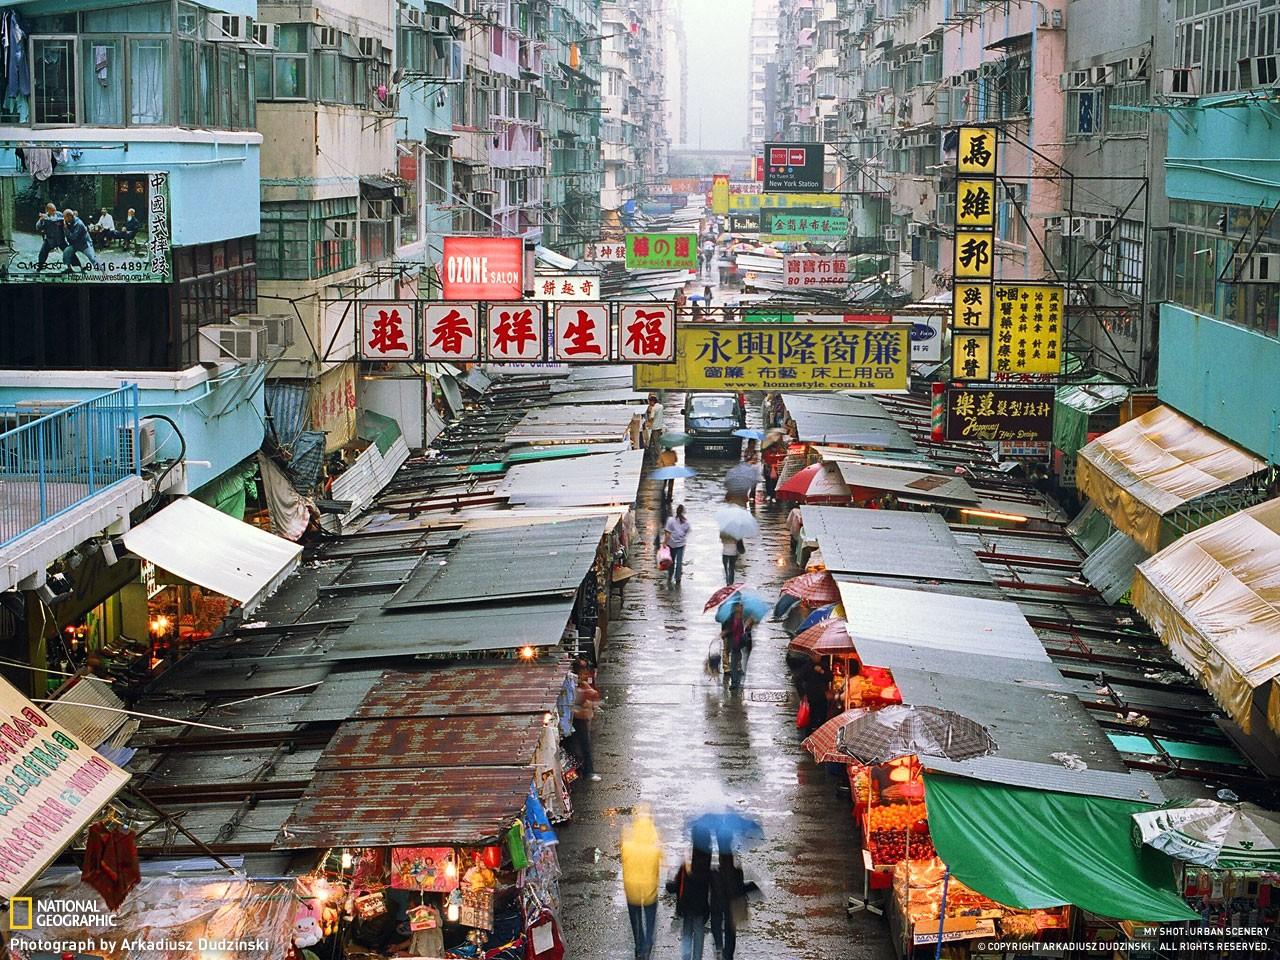 Женский базар на улице Тунг Чой, Коулун, Гонконг